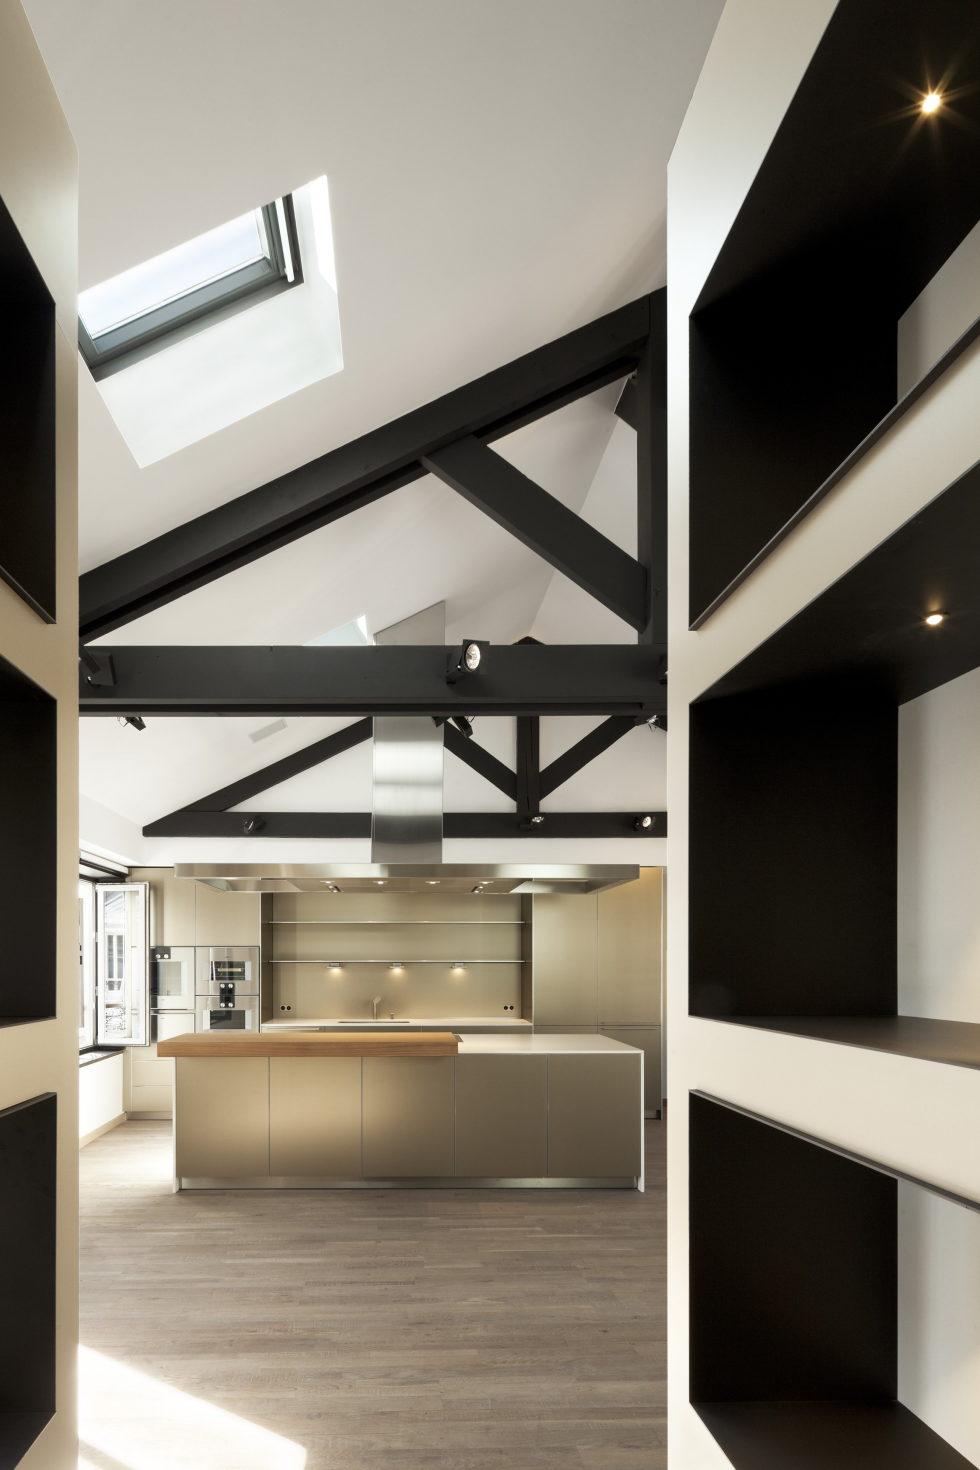 Luxury attic apartment in Paris from the MYSPACEPLANNER bureau 3